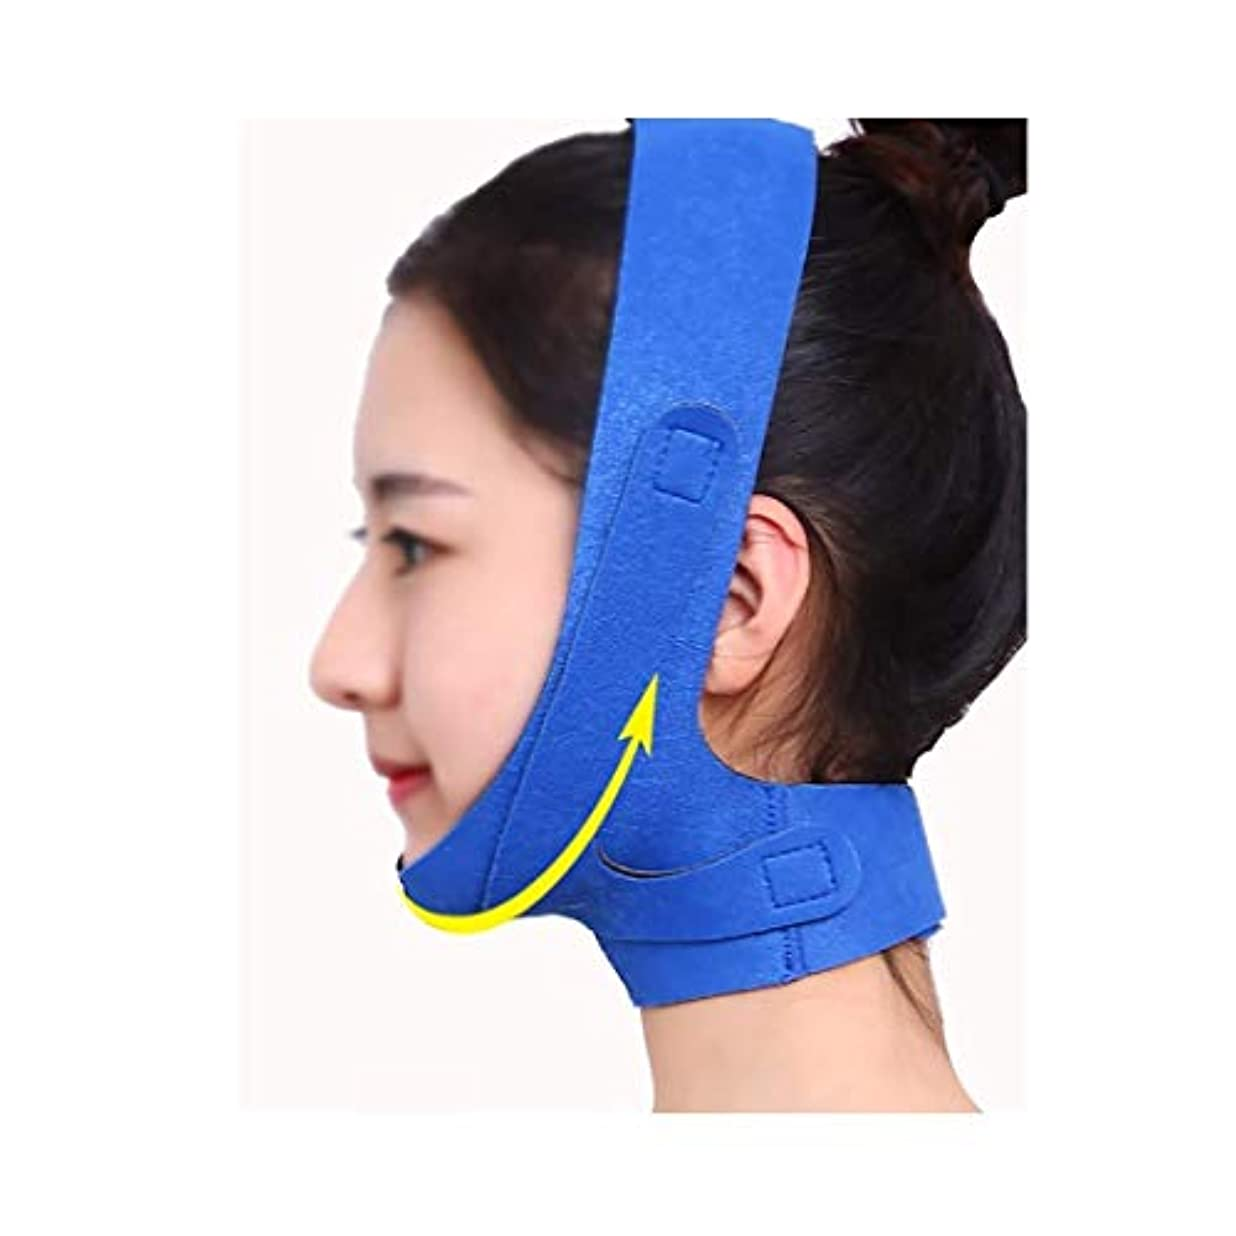 球体同行する発生フェイスリフトマスク、あごストラップ回復包帯睡眠薄いフェイスバンデージ薄いフェイスマスクフェイスリフトアーティファクトフェイスリフト美容マスク包帯青いフェイスマスクで小さなV顔を強化するには